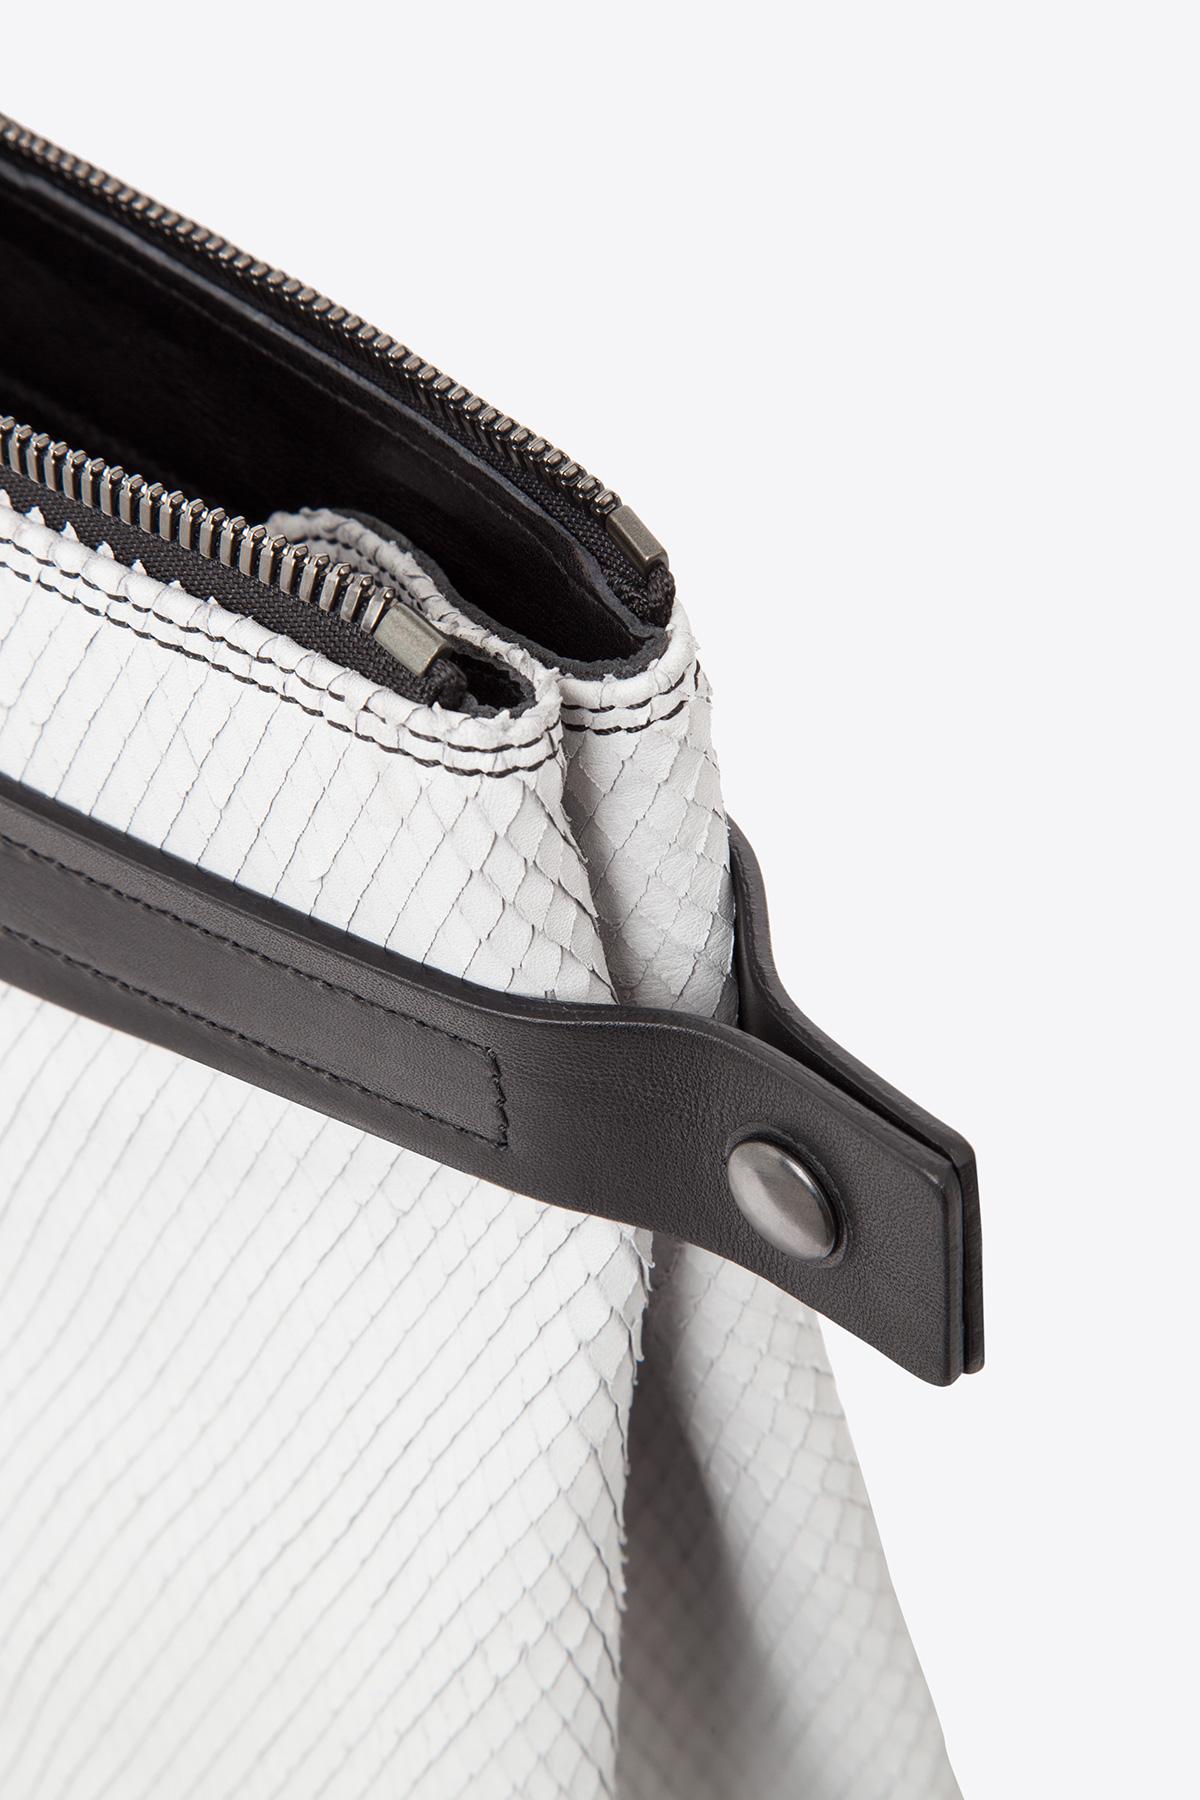 dclr007s-tote-a22-backsnakefoggrey-detail